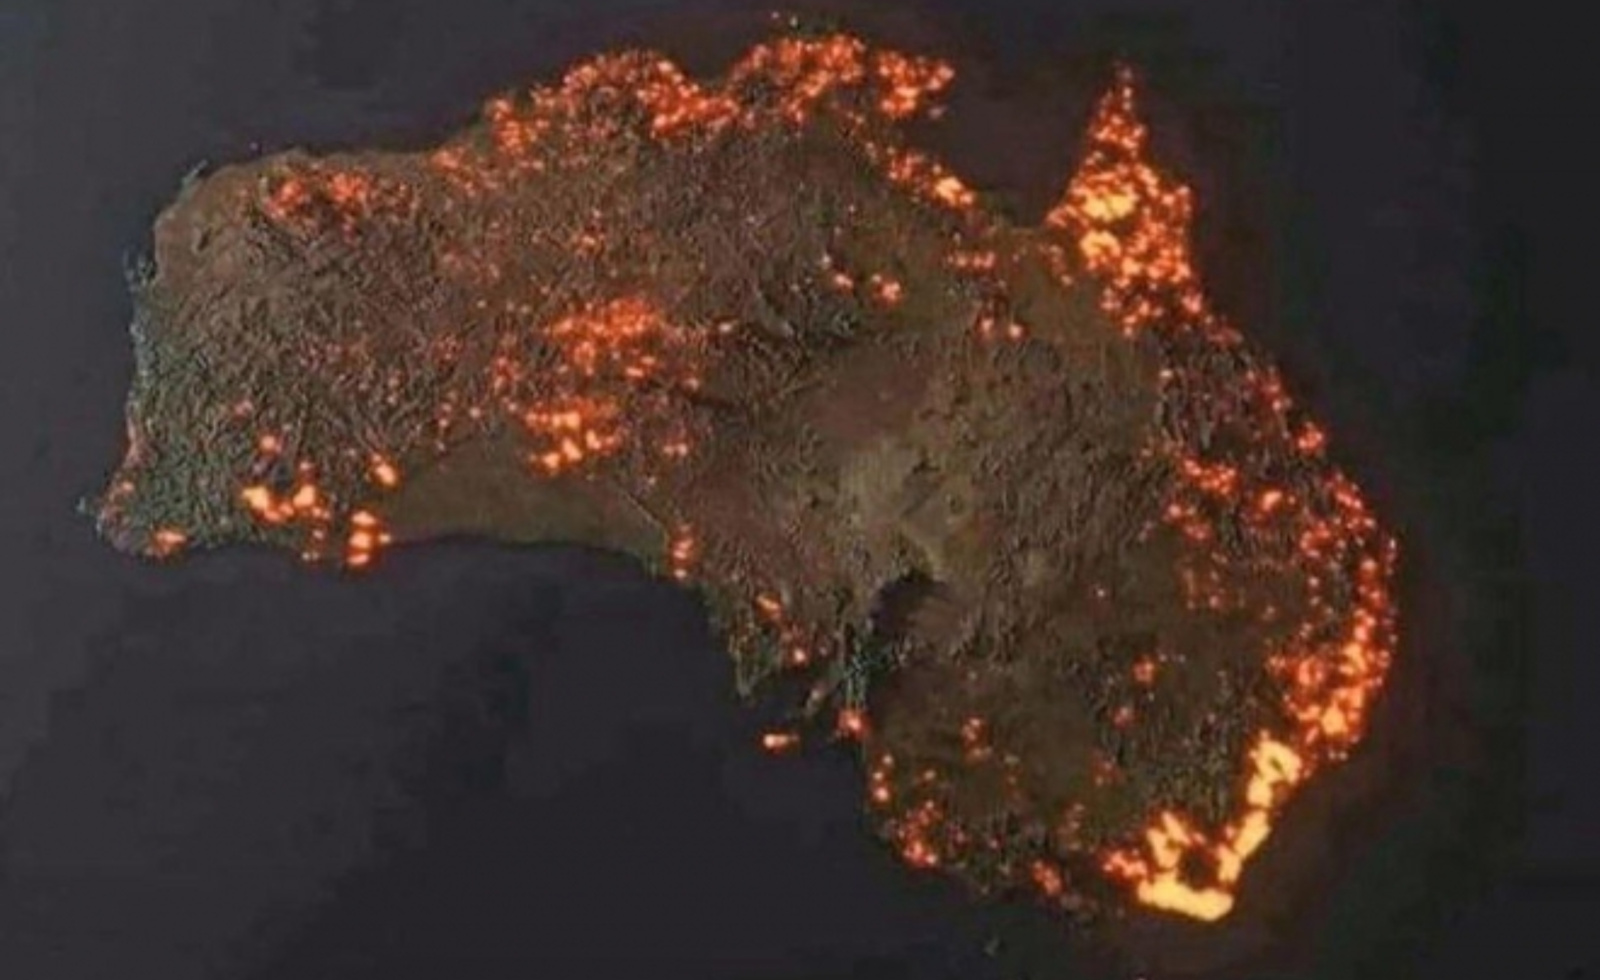 Australijos gaisrų dūmai plotu prilygsta Europai: N. Zelandijoje krenta suodžiai (vaizdo įrašas)